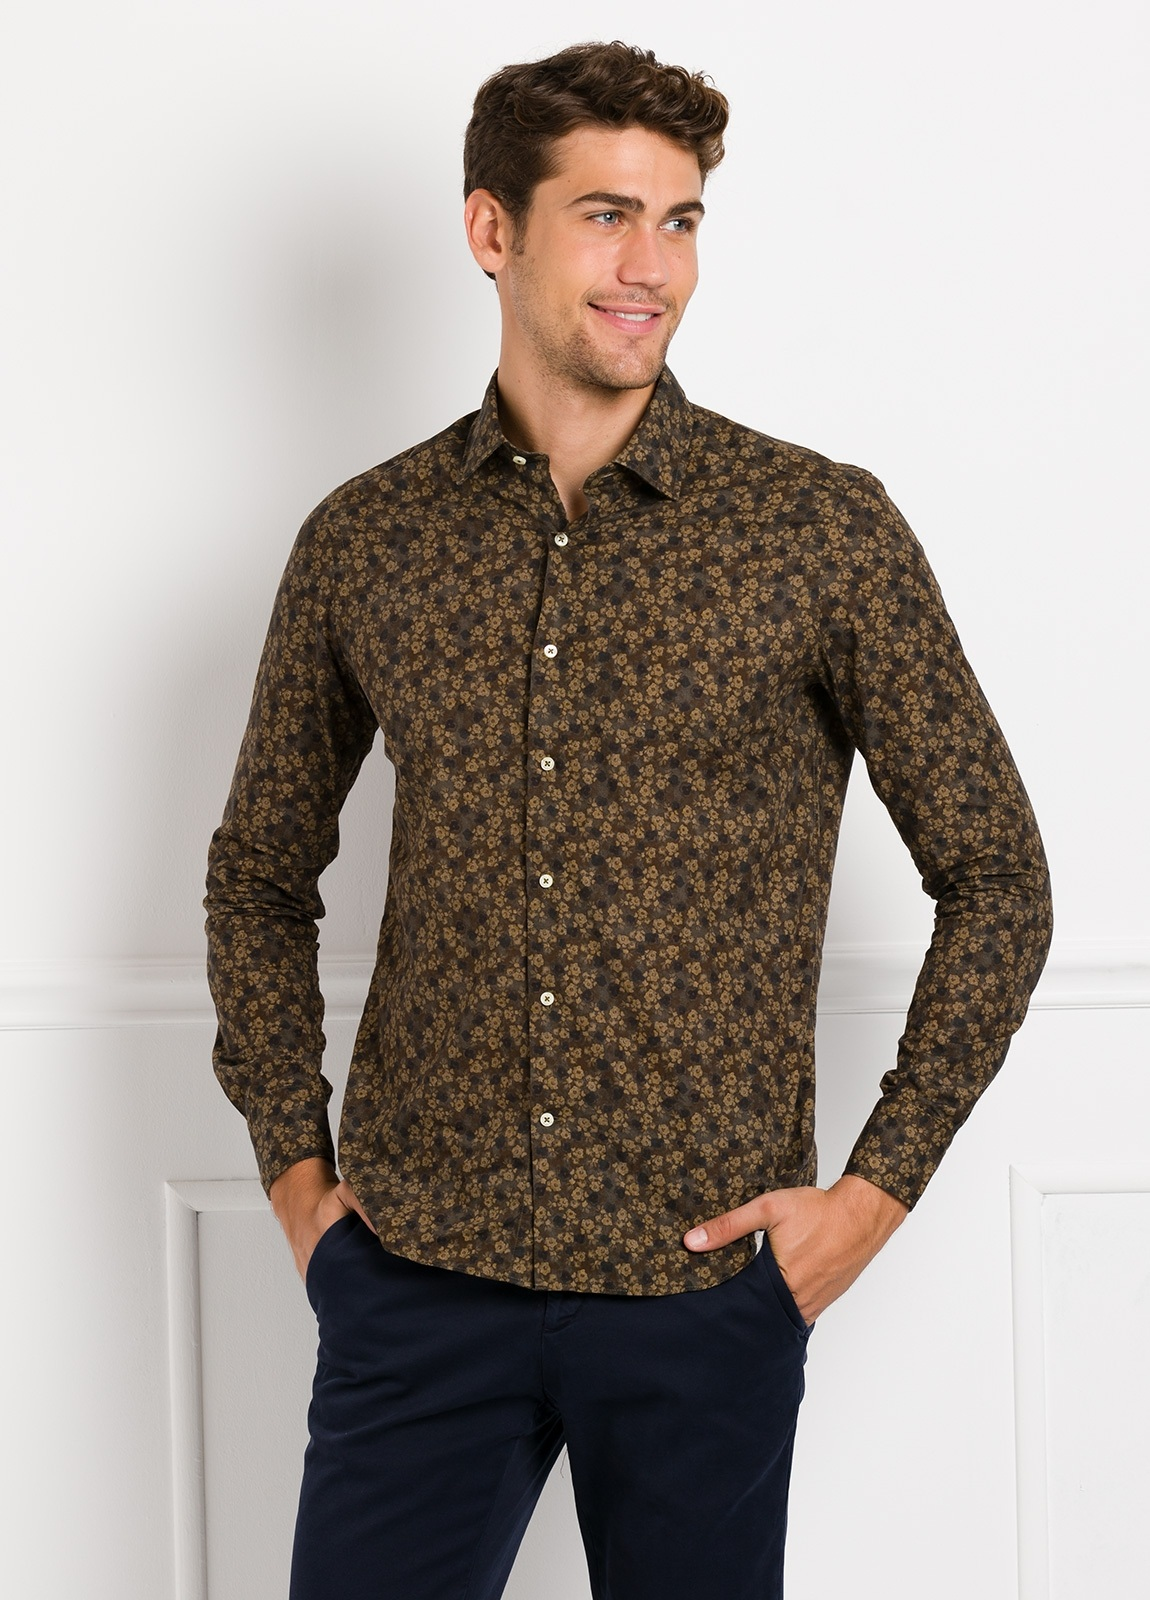 Camisa Leisure Wear SLIM FIT modelo PORTO estampado flores color marrón. 100% Algodón.